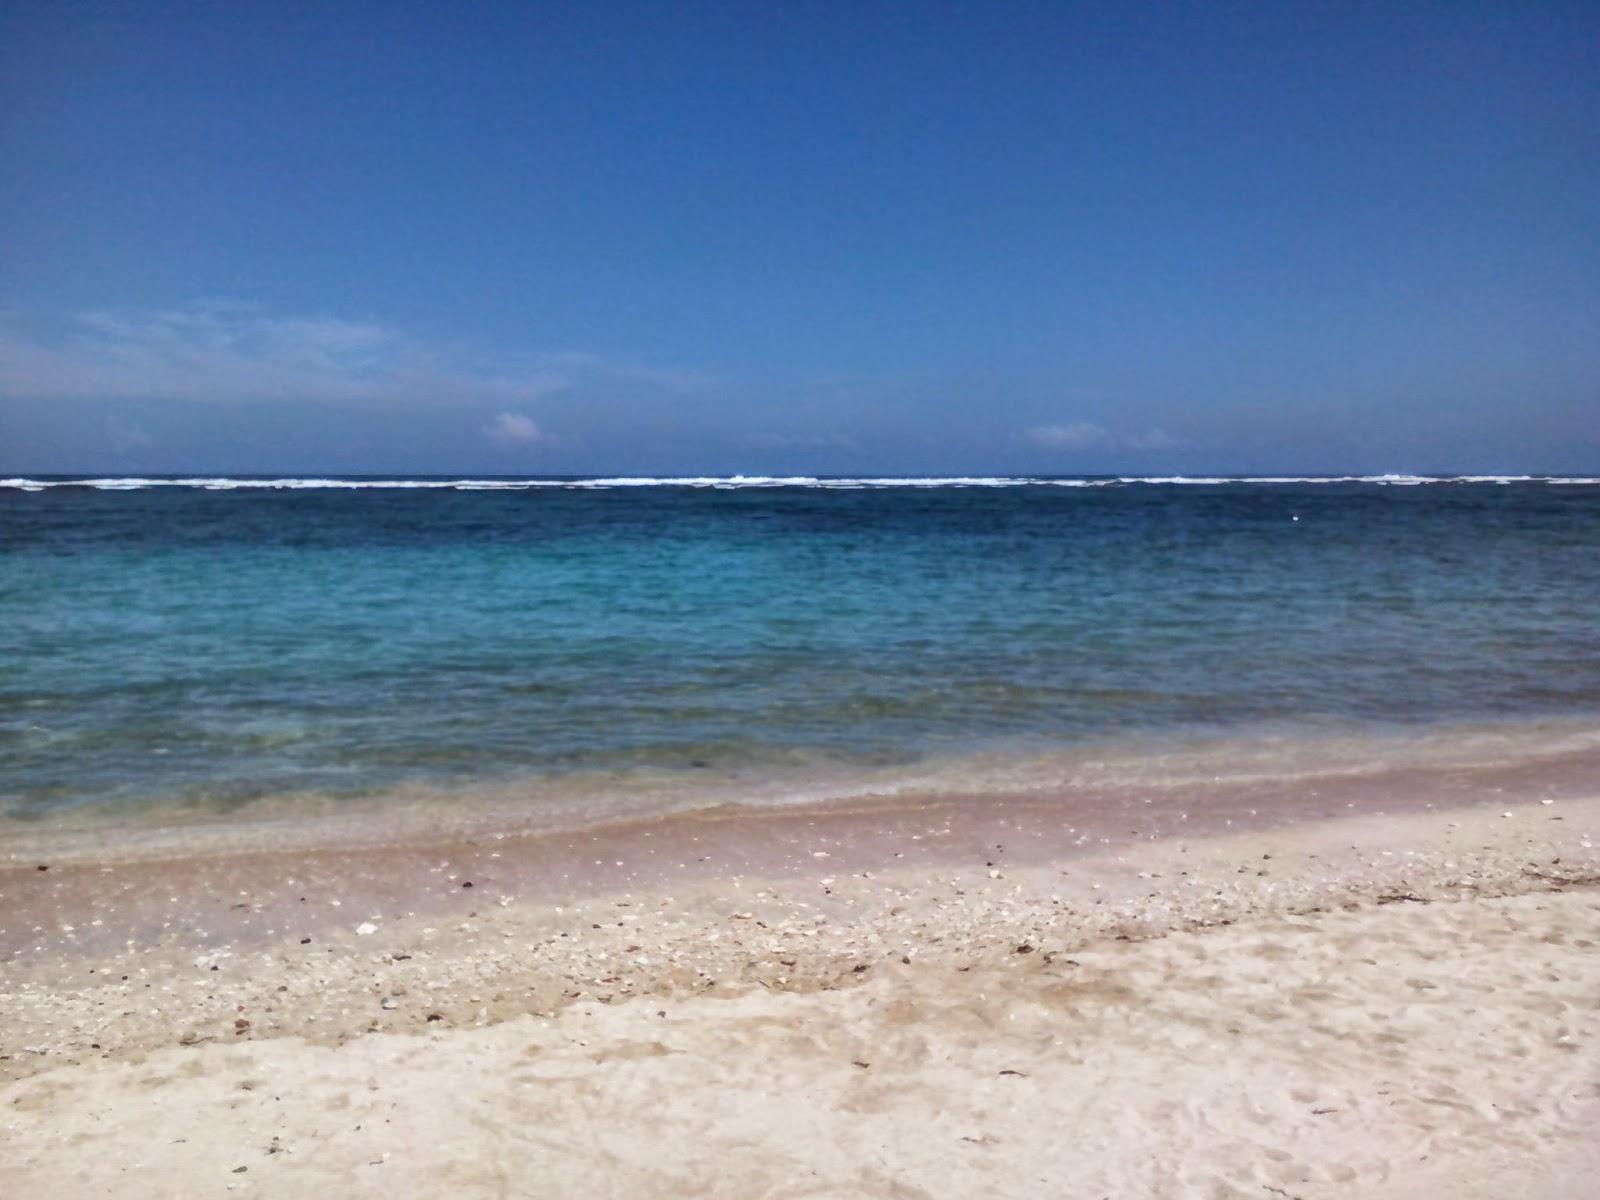 Menikmati Indahnya Pantai Pandawa, Bali (1)